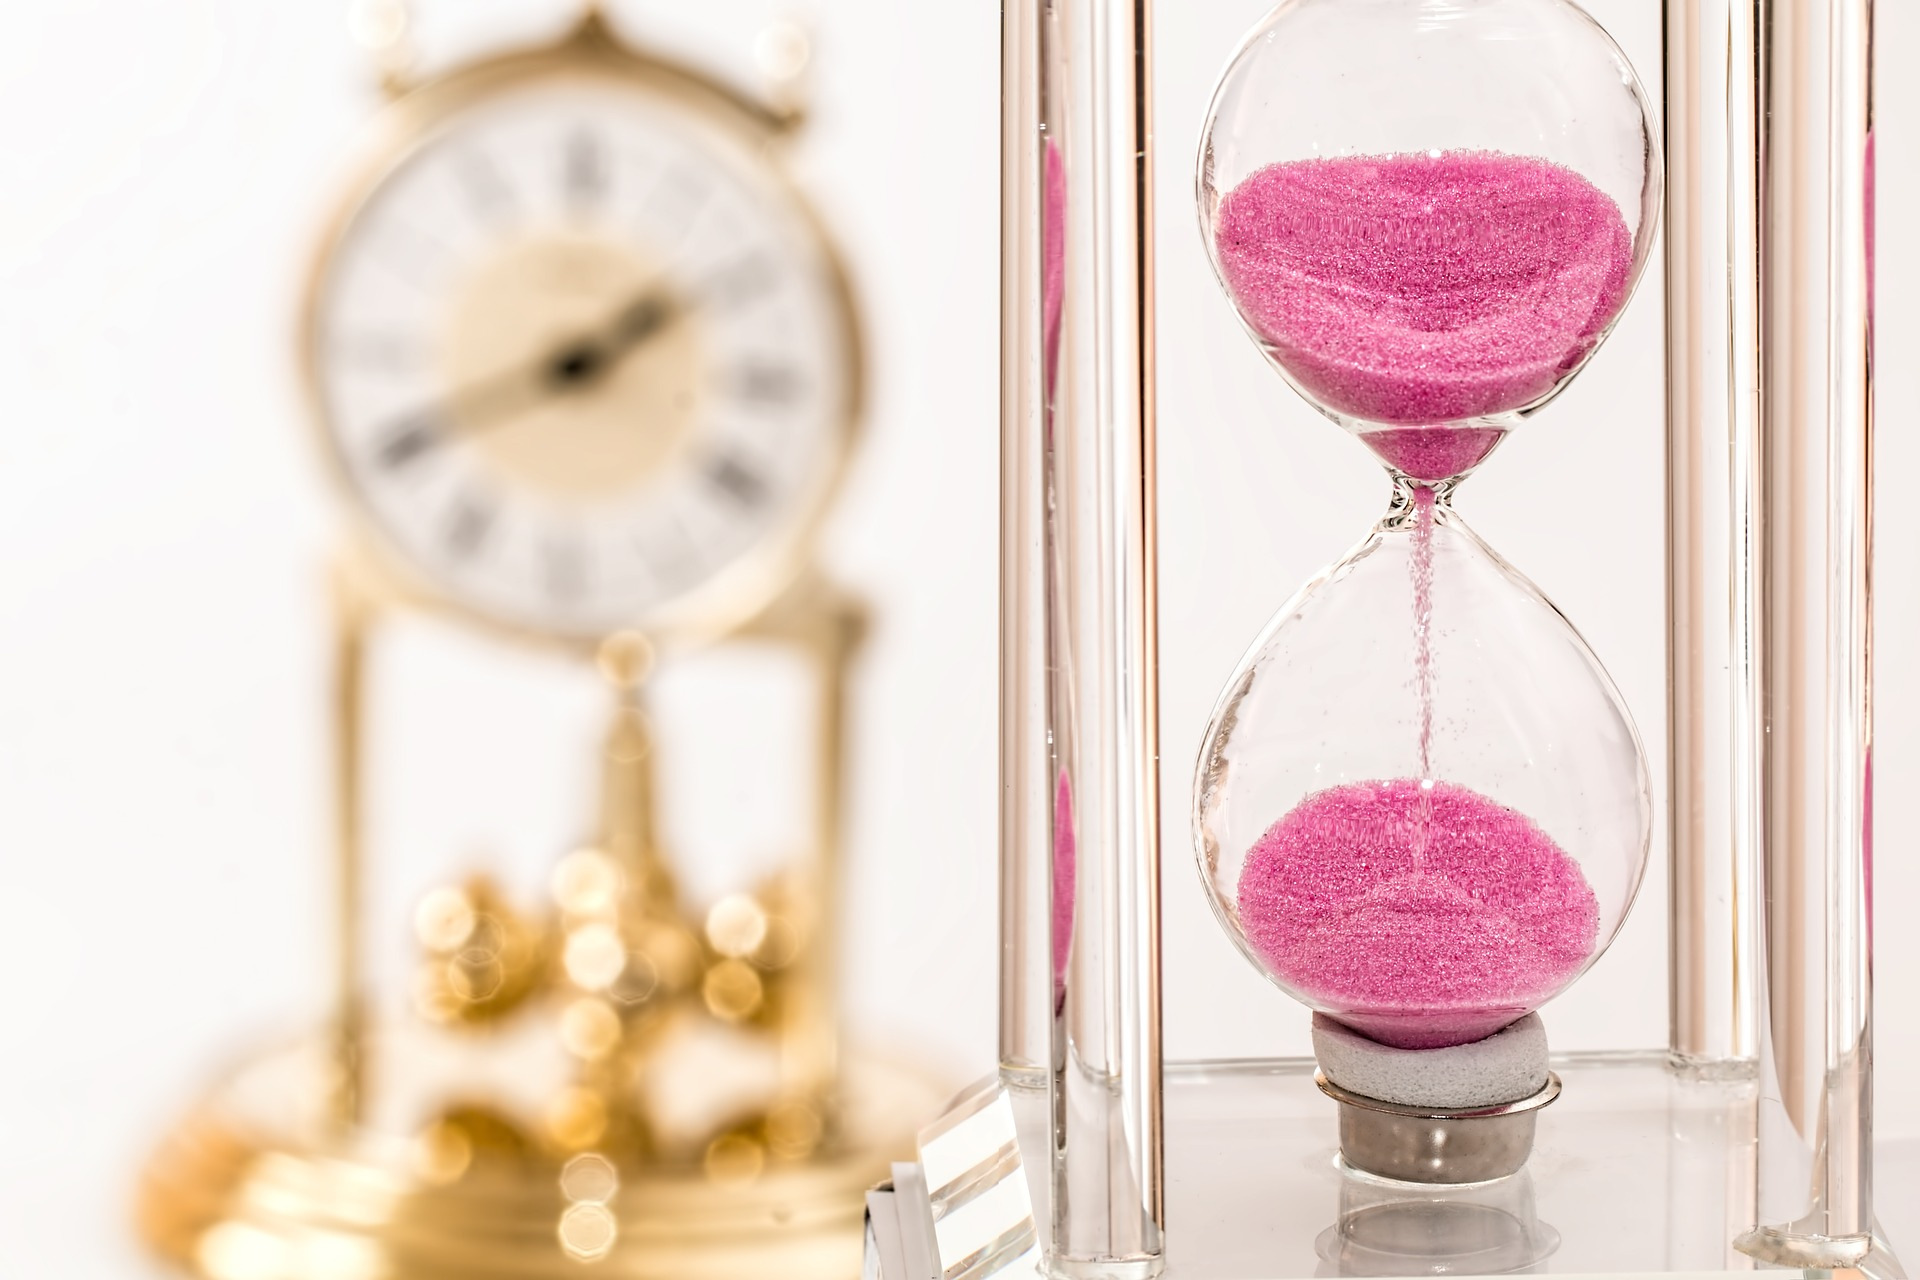 Time running hourglass